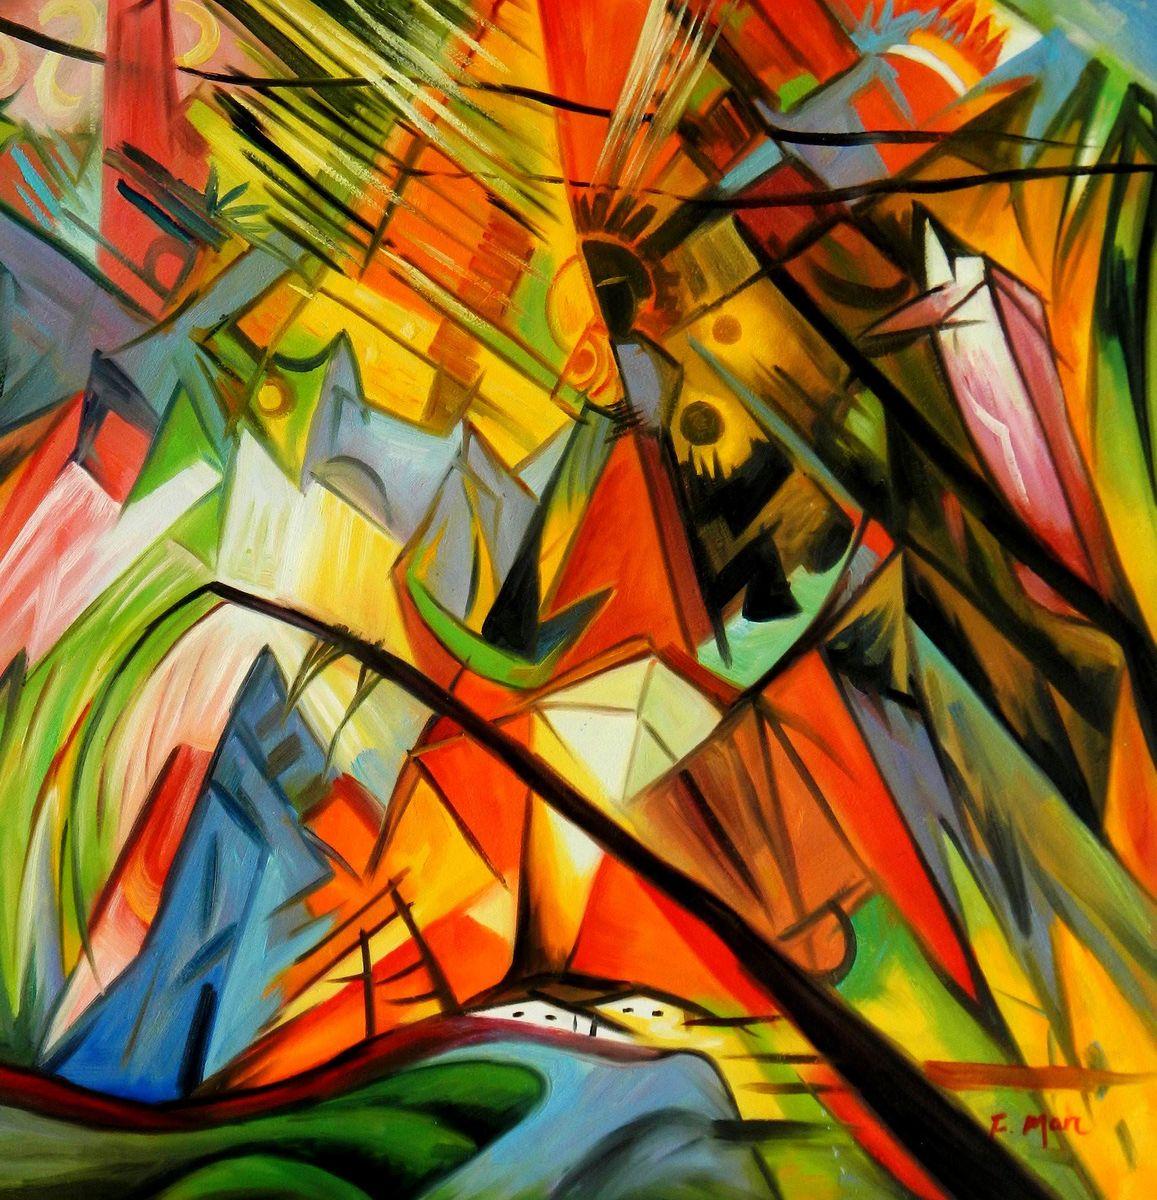 Franz Marc - Im schönen Land Tirol g96179 80x80cm Expressionismus Ölgemälde